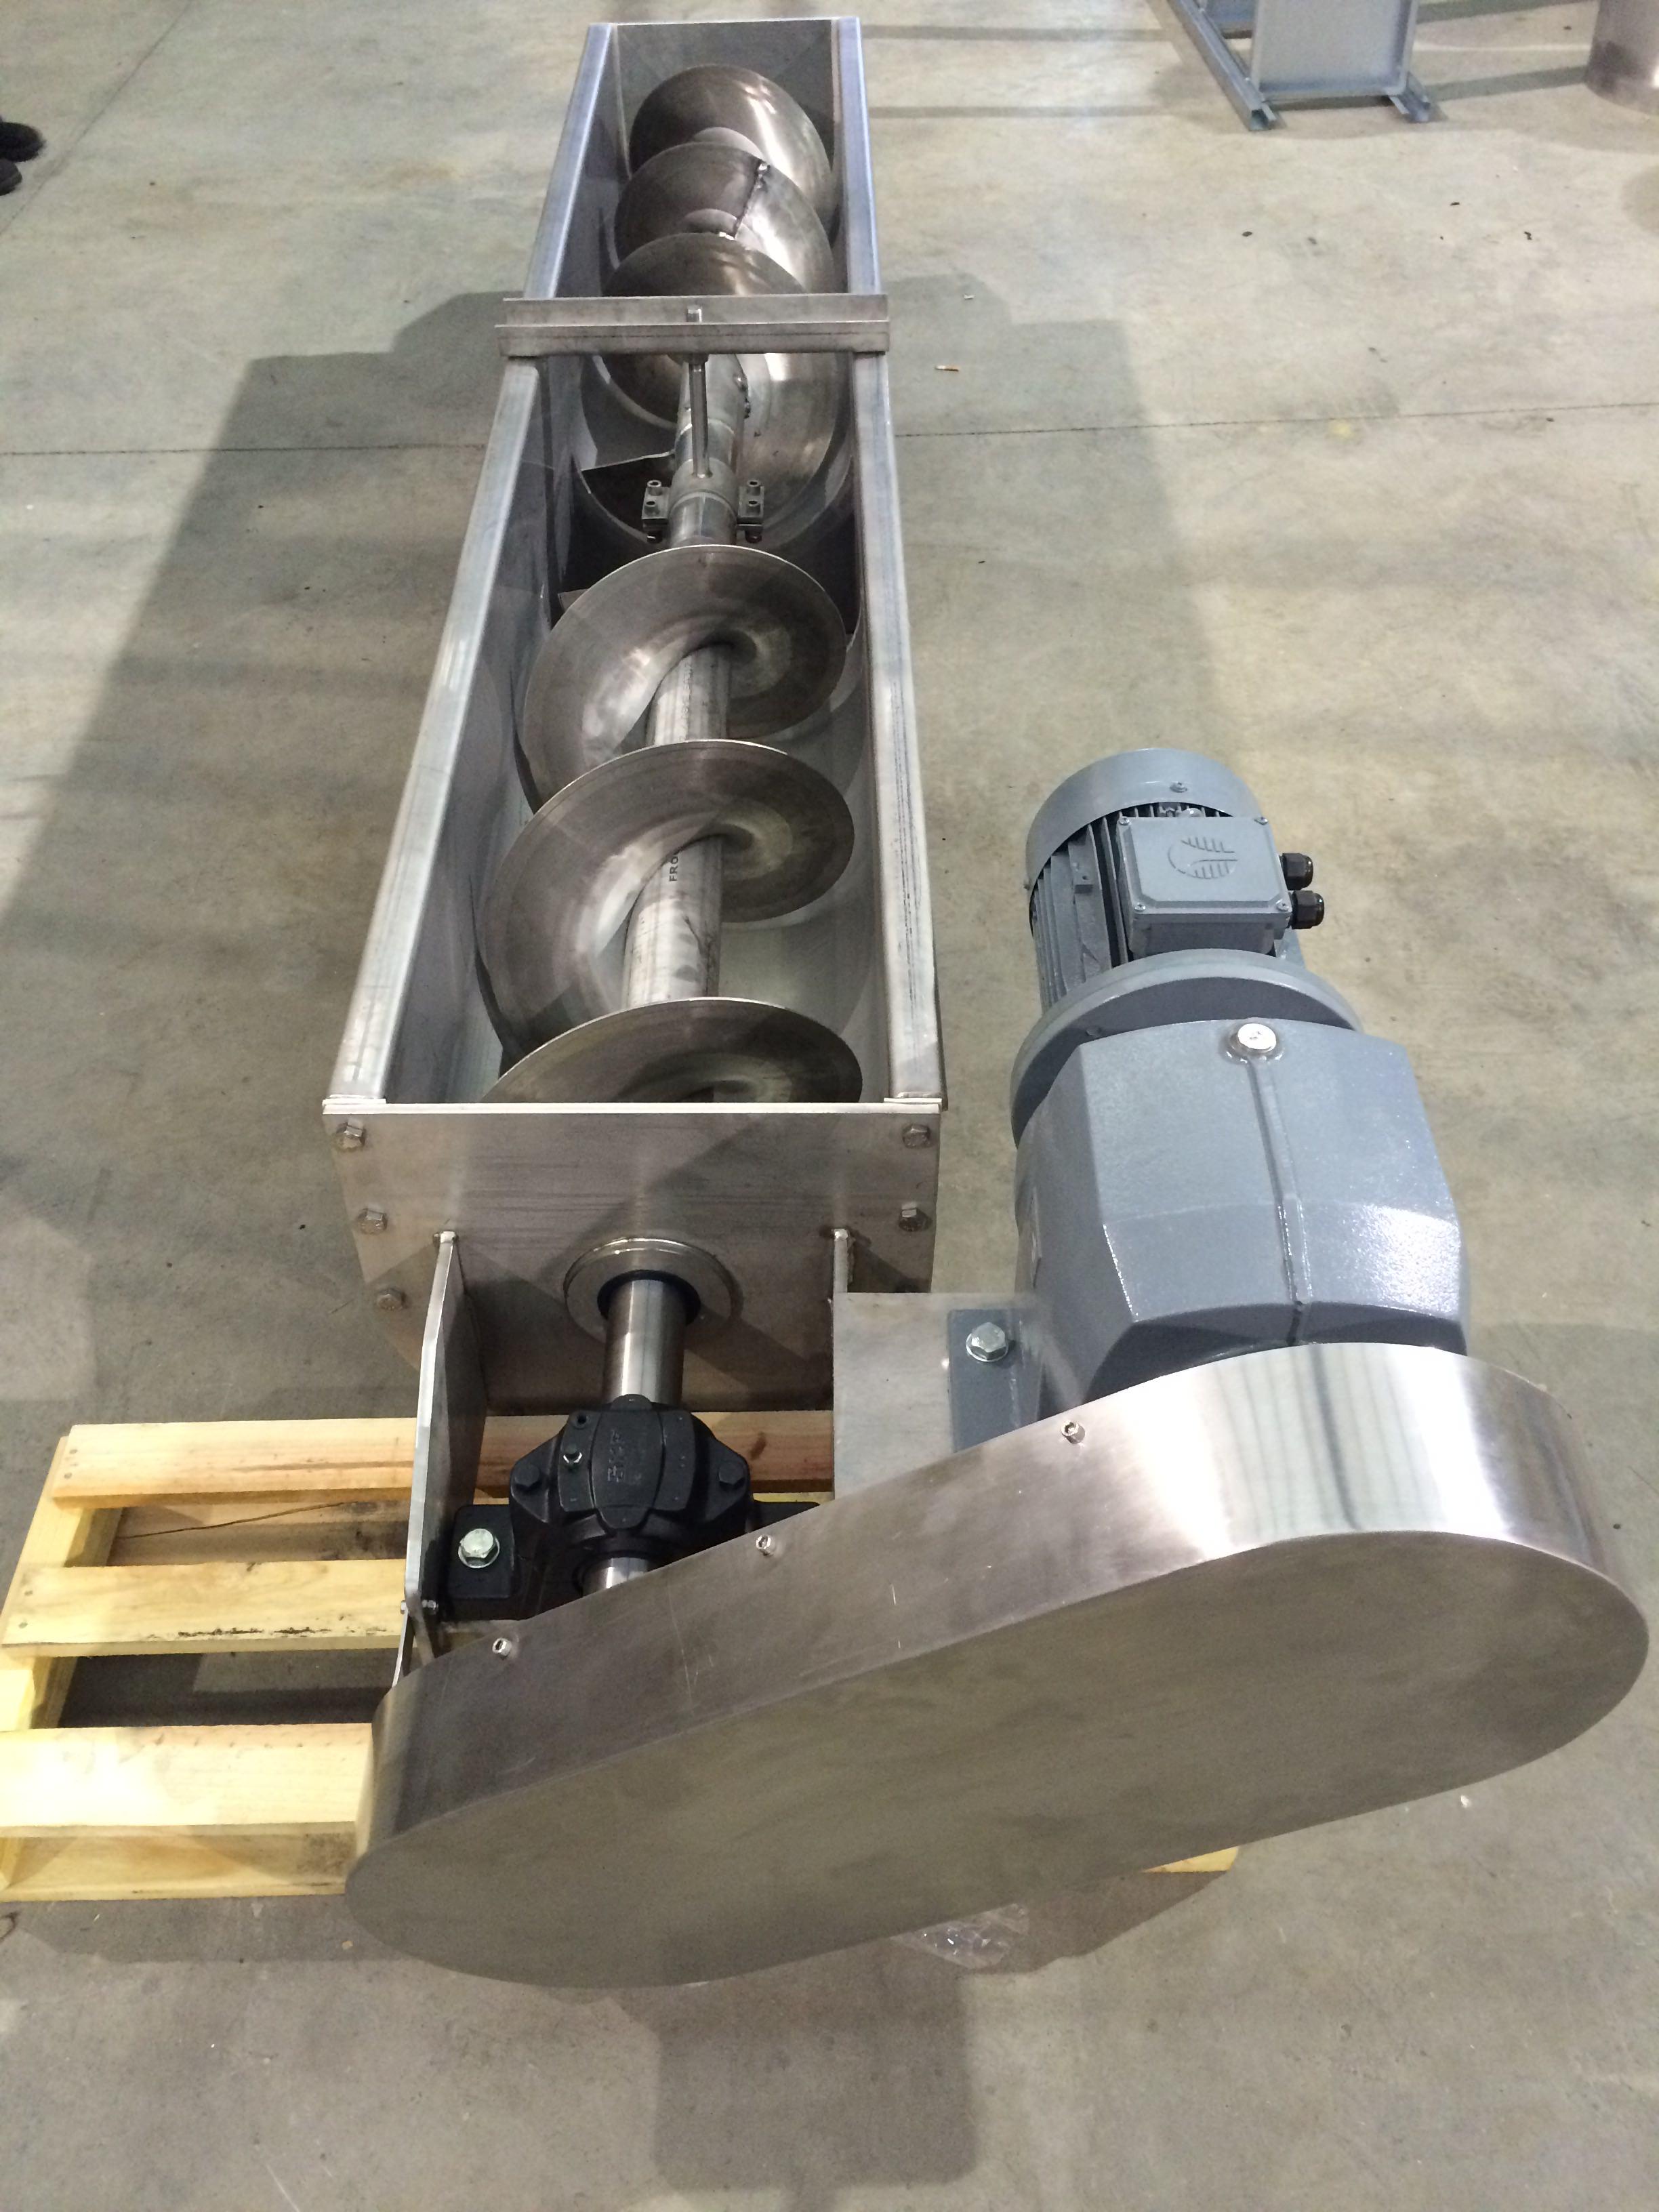 Sinfín abierto para transporte de hielo, con carga por toda la artesa que aloja el sinfín y descarga central